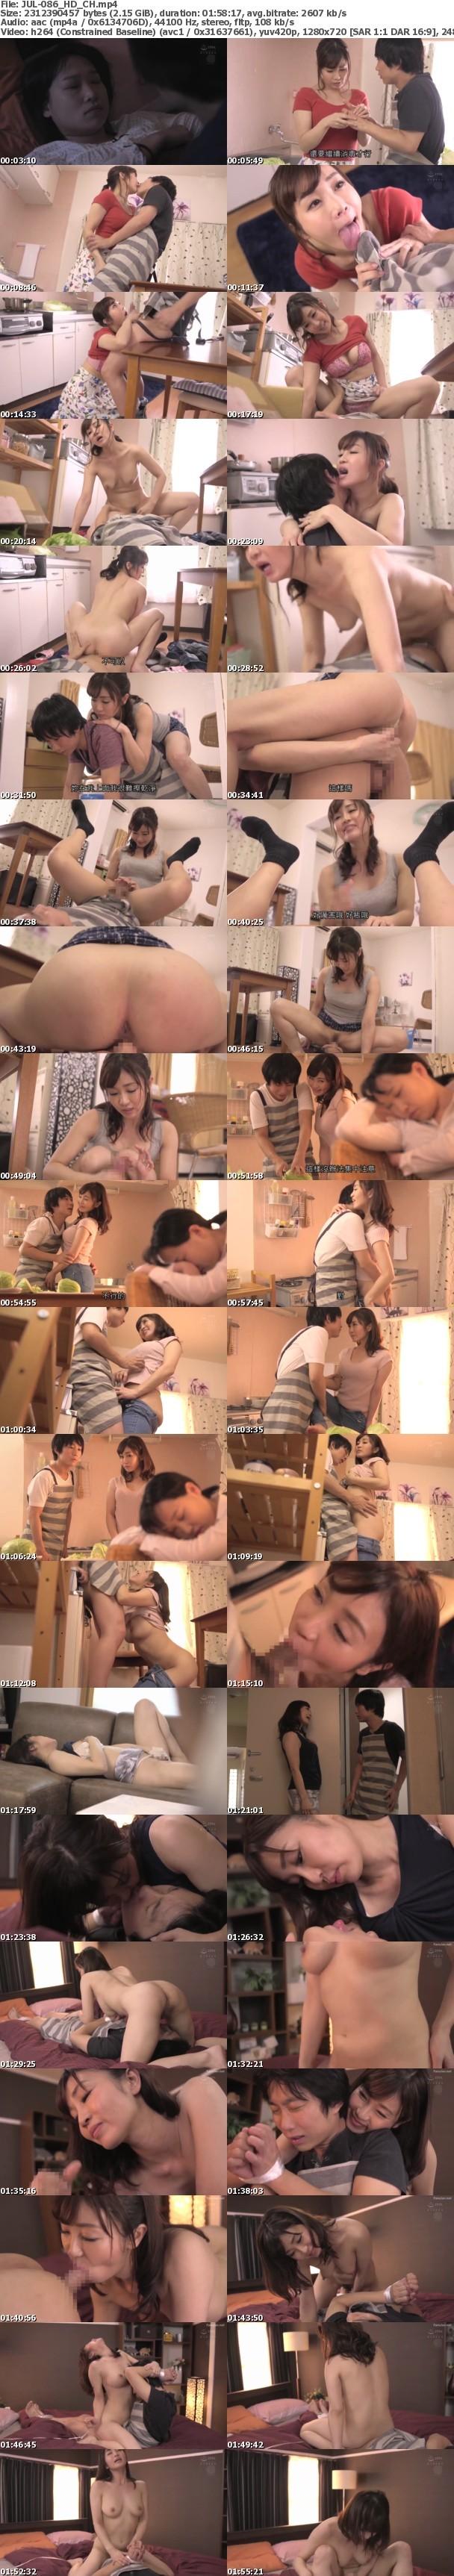 (HD) JUL-086 成為專業家庭煮夫的我、被鄰居太太圍裙姿態玩弄。 大島優香[有碼高清中文字幕]